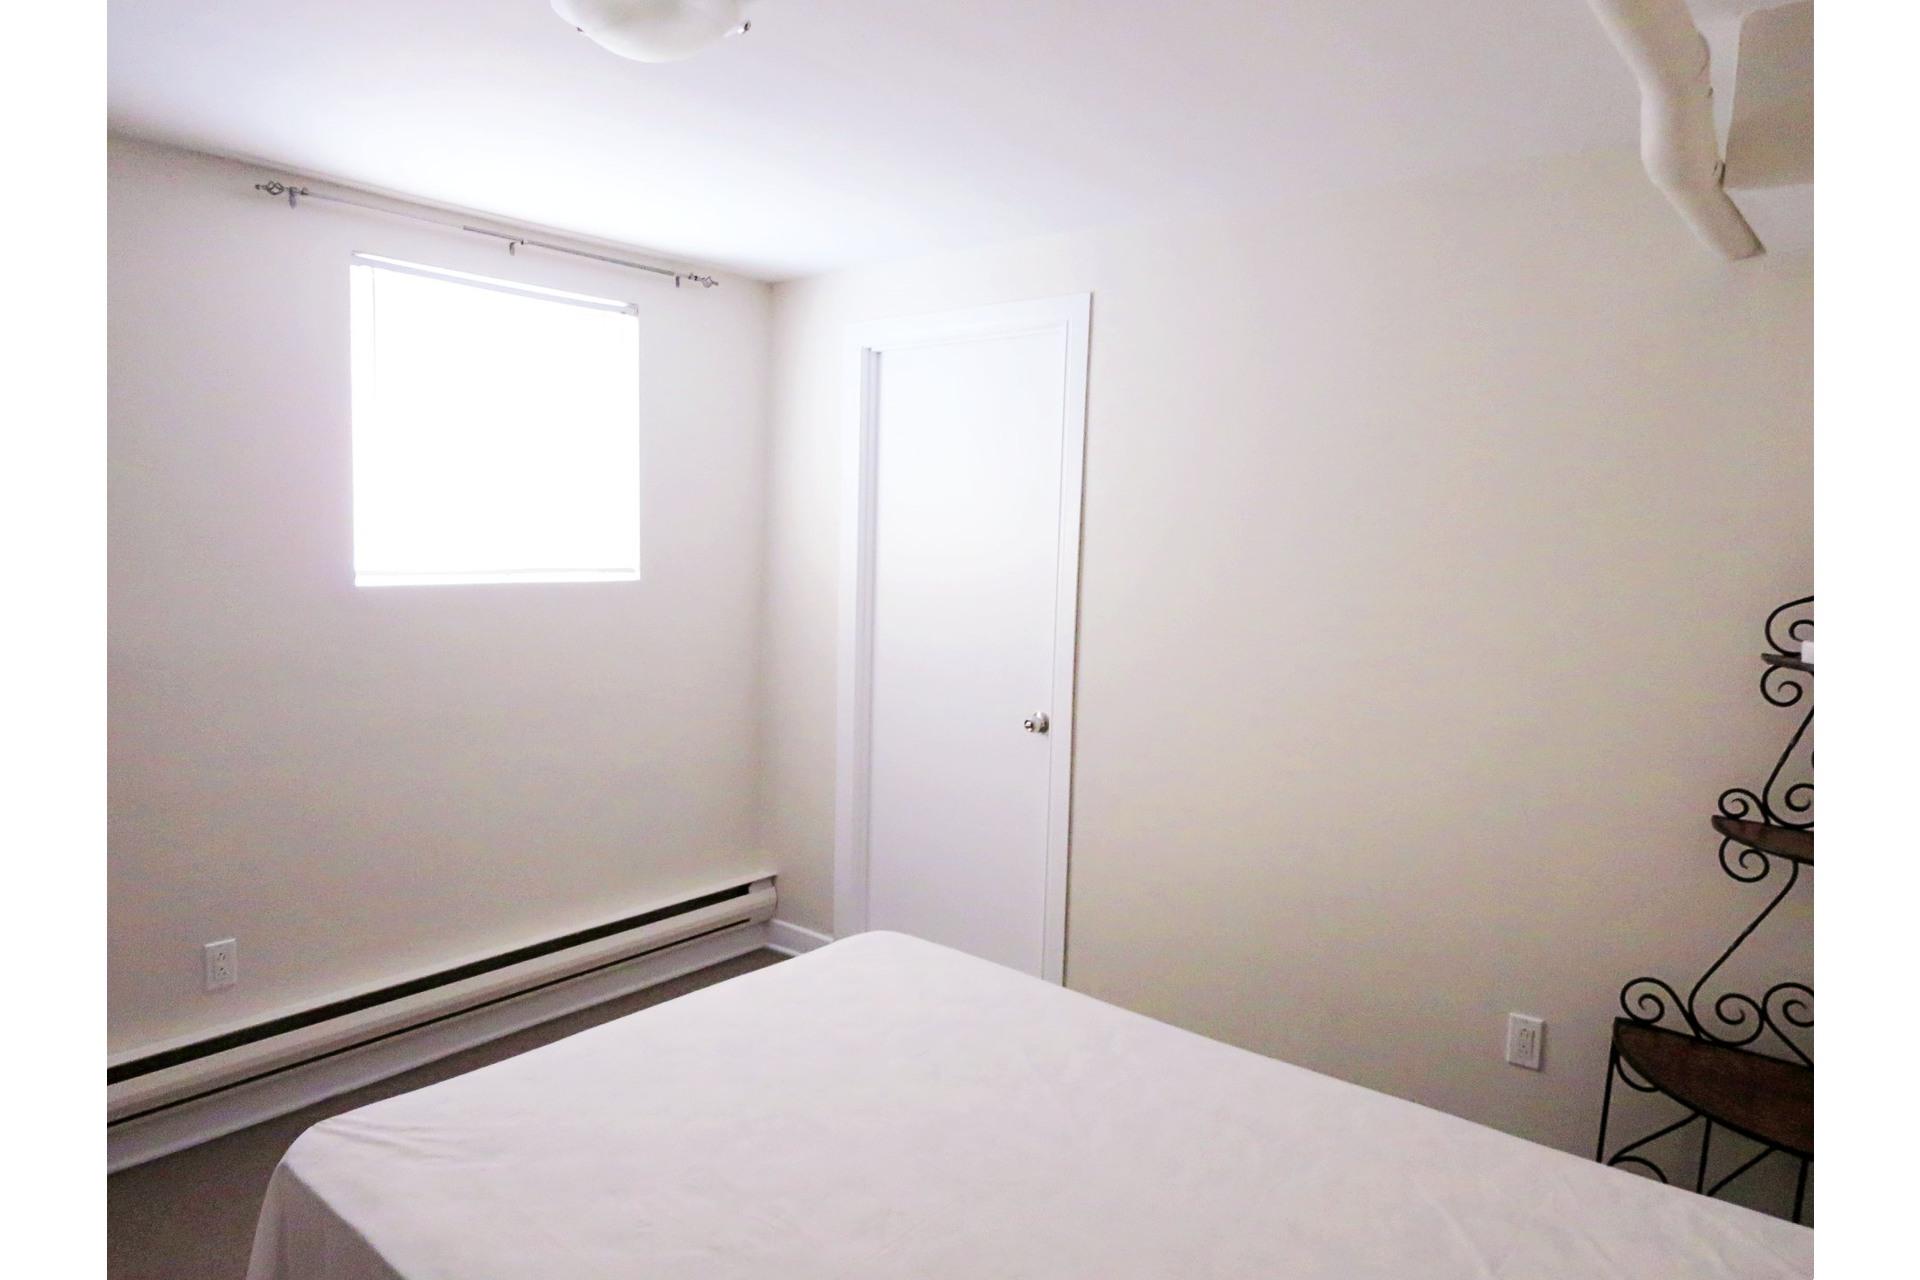 image 27 - Triplex For sale Mercier/Hochelaga-Maisonneuve Montréal  - 6 rooms